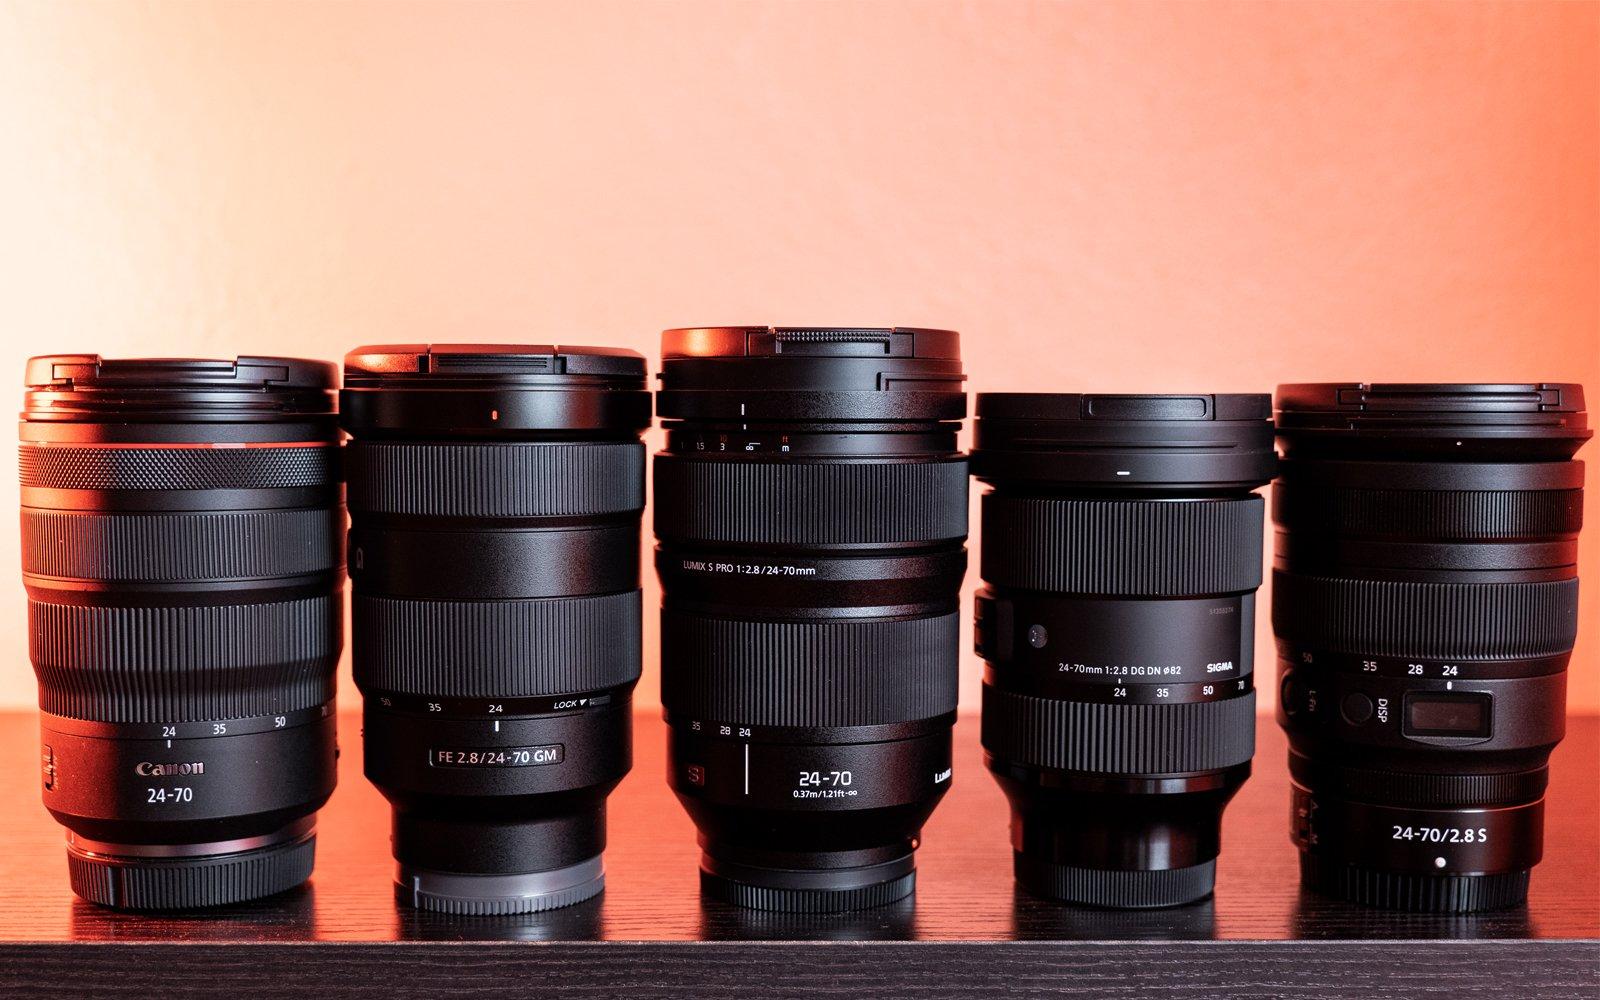 ¿Qué lente gana en agudeza versus gasto?